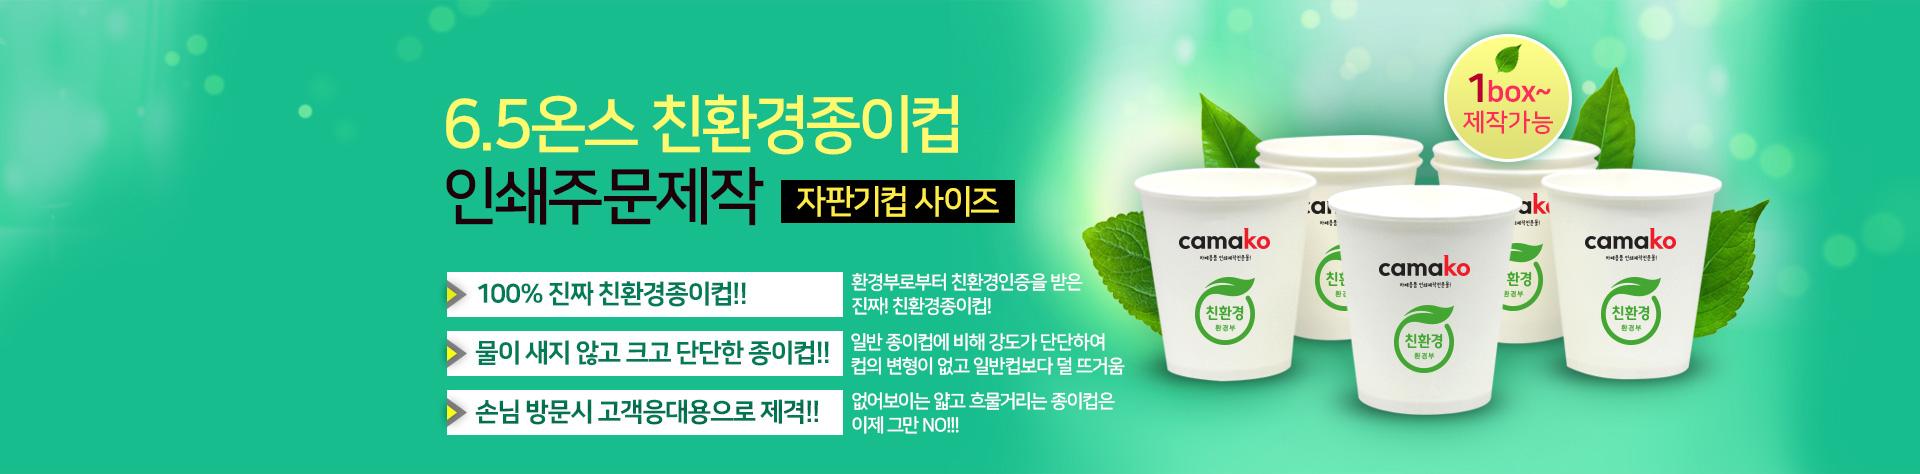 카마코 6.5온스(자판기컵사이즈) 친환경종이컵 인쇄주문제작